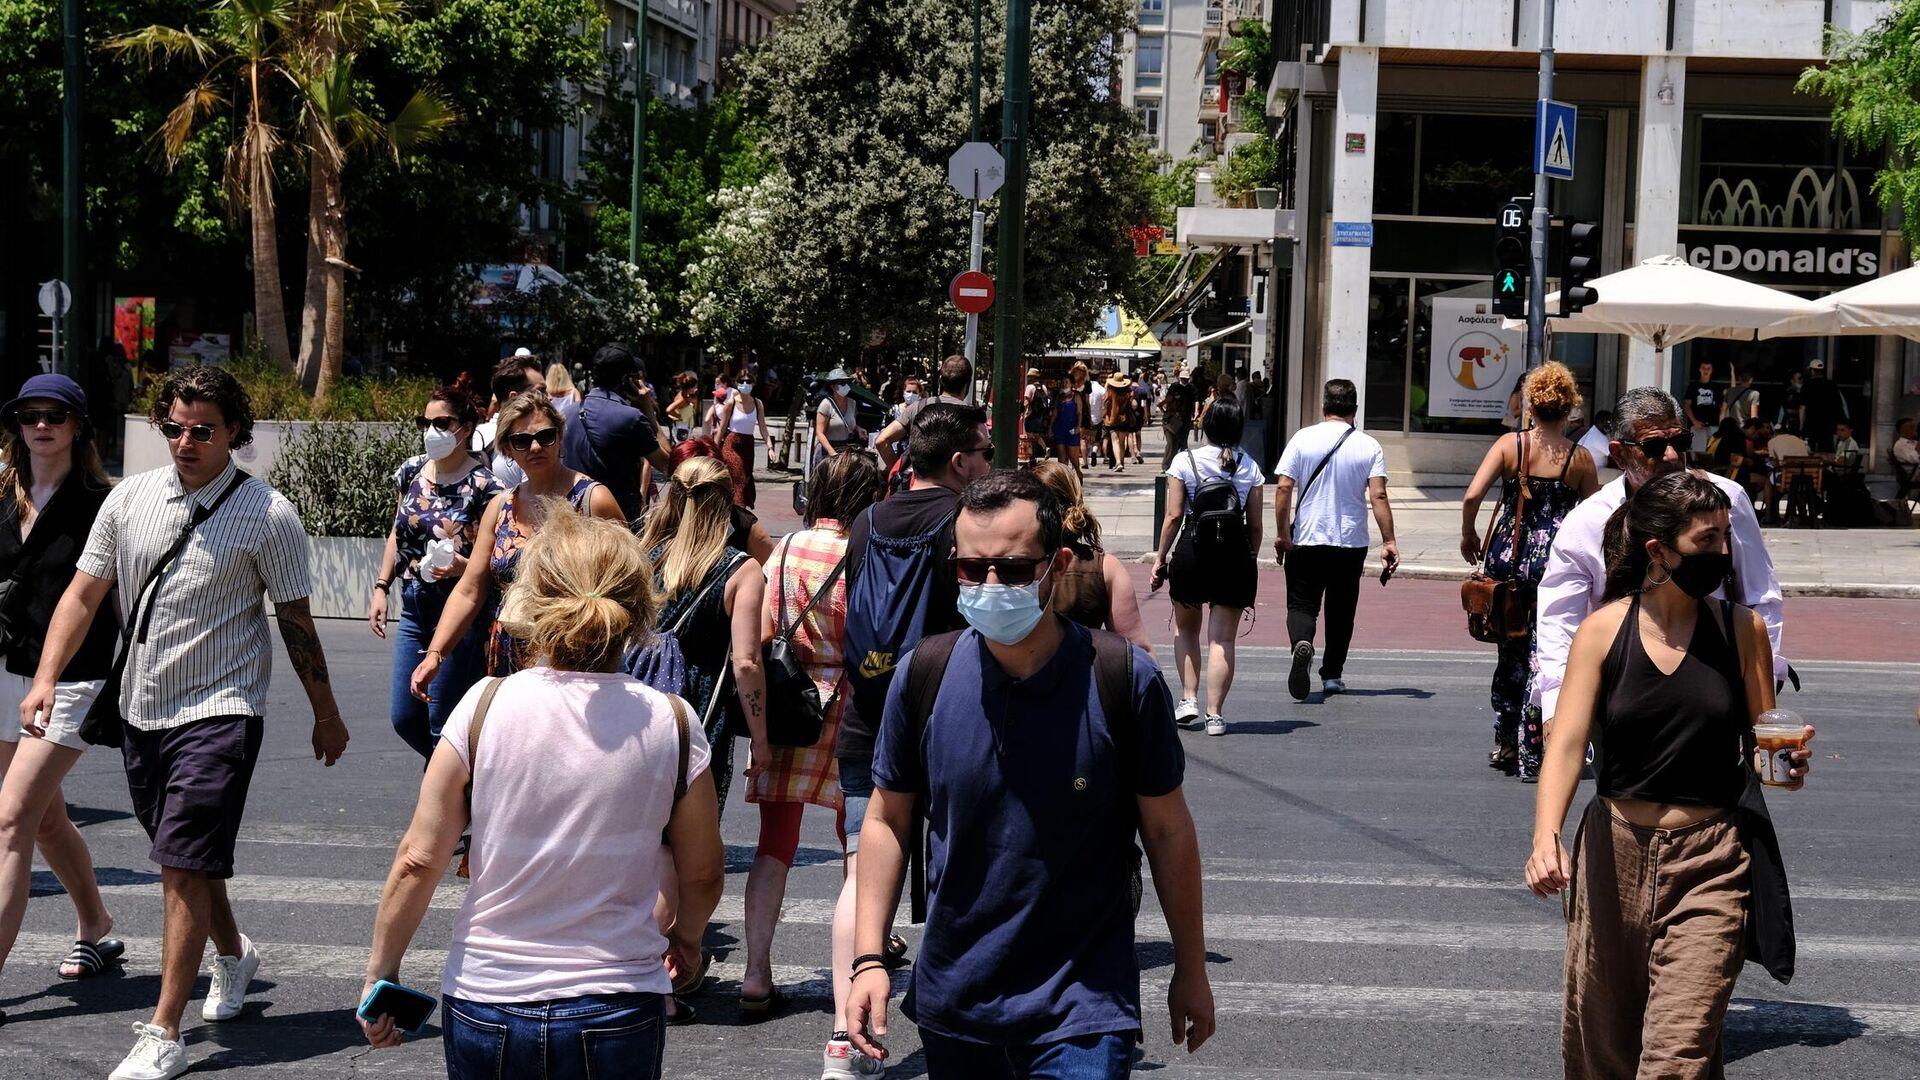 Κόσμος στην Αθήνα εν μέσω κορονοϊού - Sputnik Ελλάδα, 1920, 17.09.2021